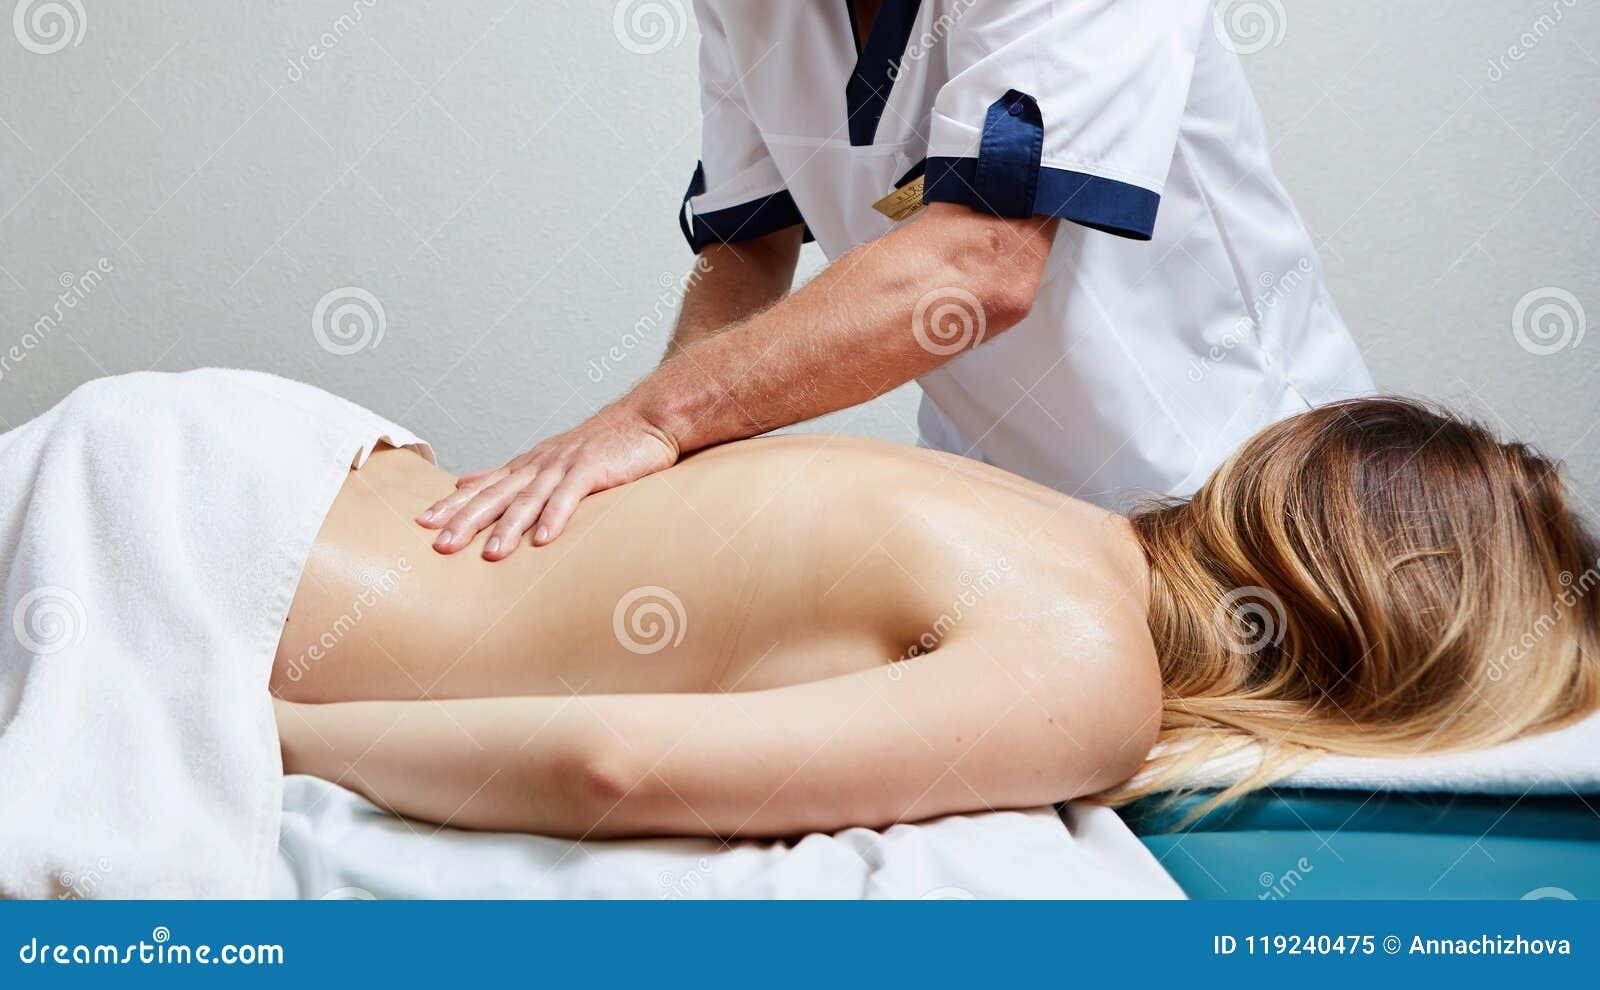 Девчонки делают массаж, девушка в ванной и снимает нижнее белье фото